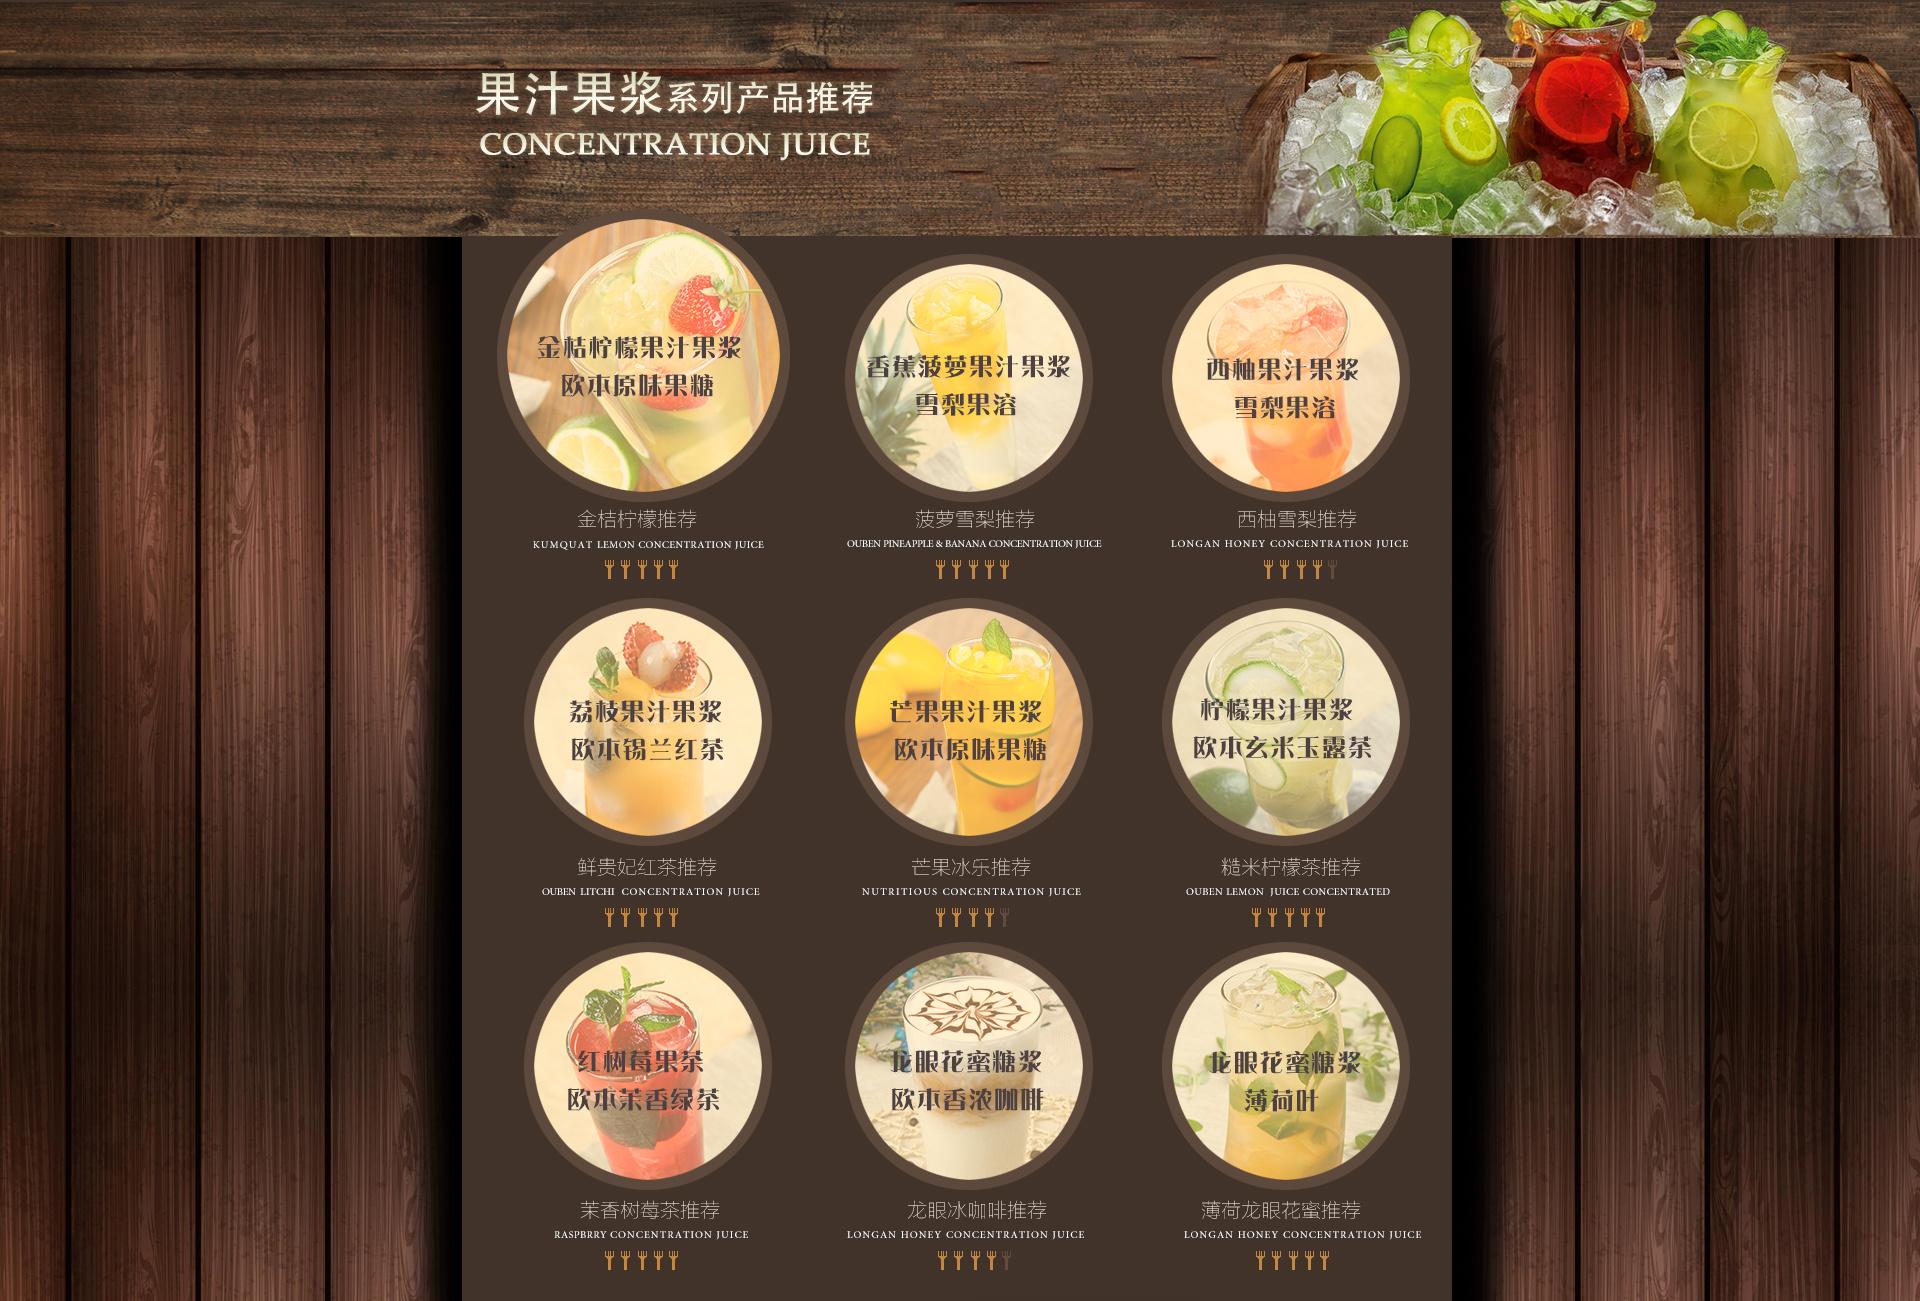 欧本食品专营店-饮品制作页面设计 网页 电商 欢不腻图片